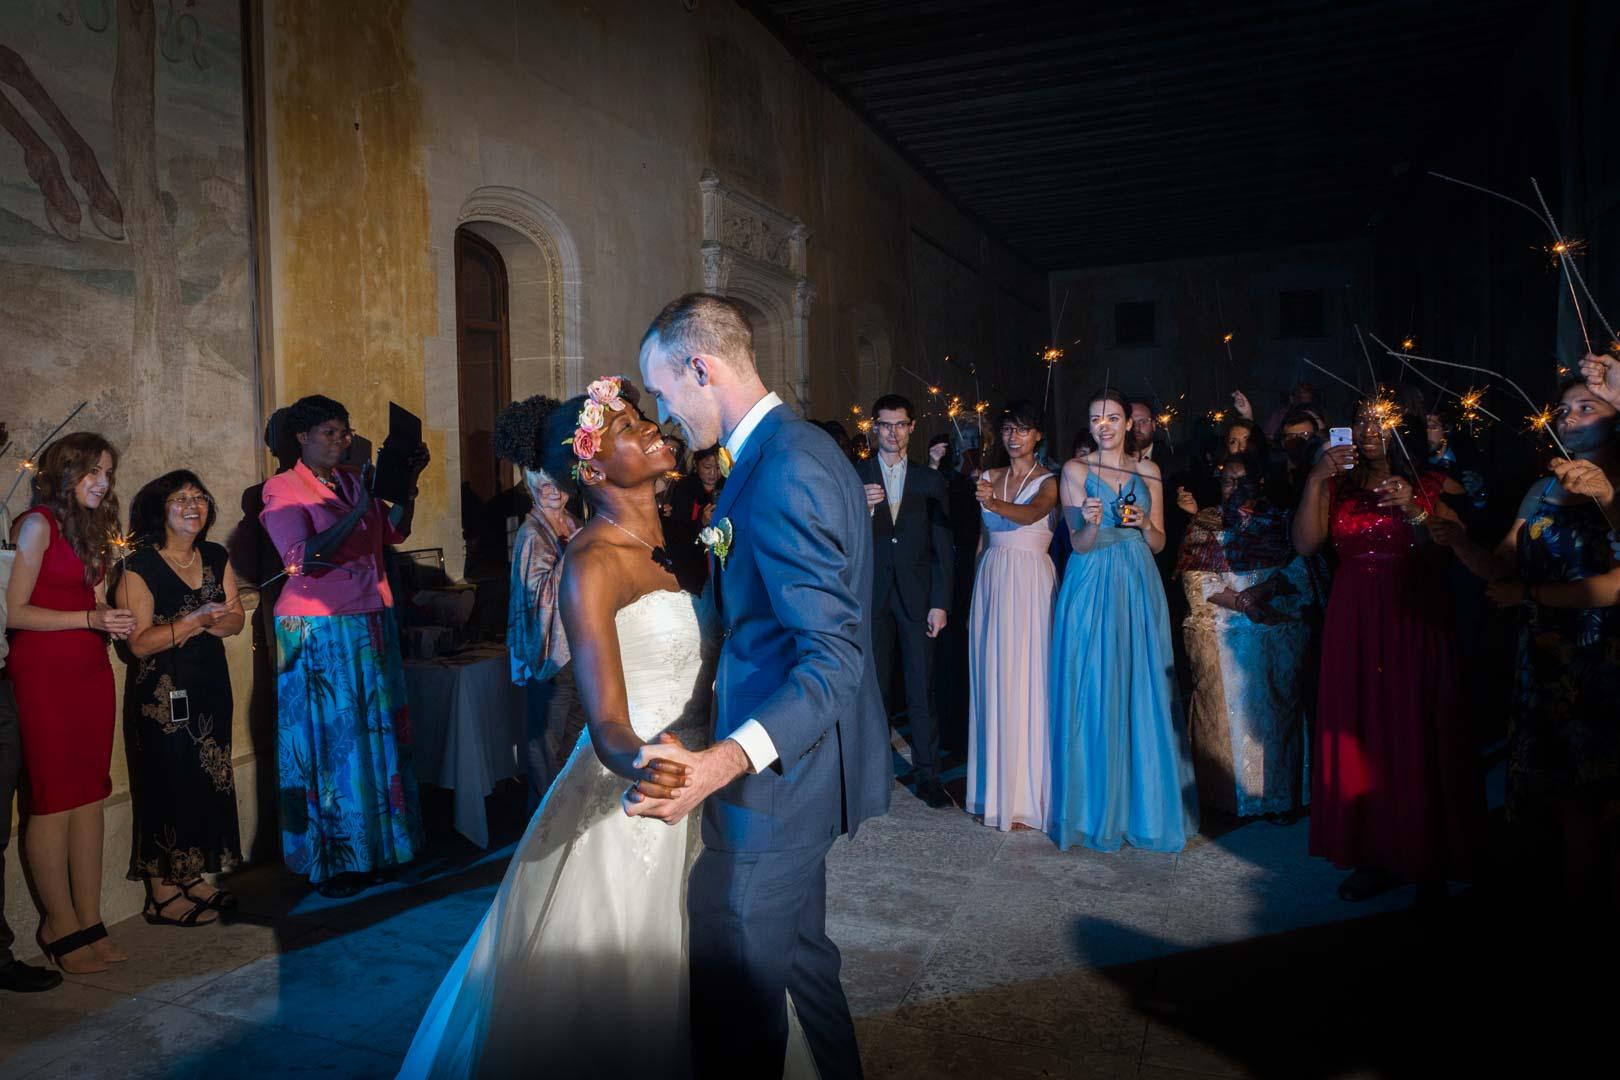 Première danse pour les jeunes mariés au château de la verrerie